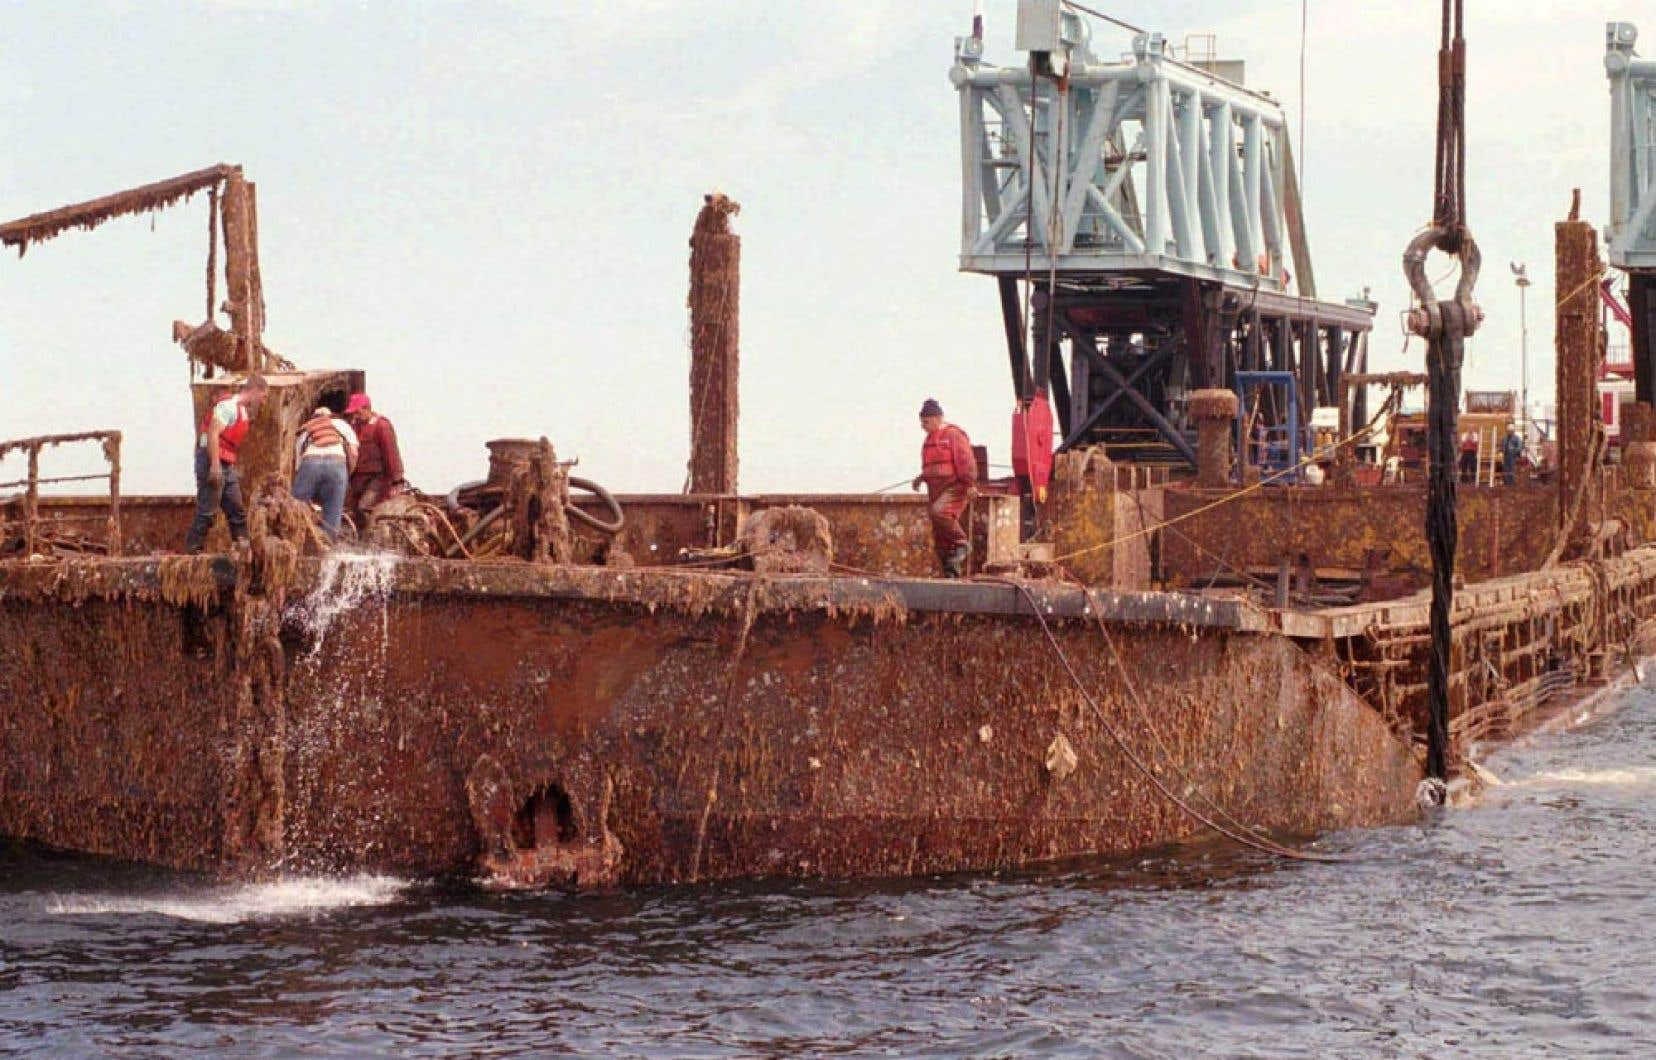 Les opérations de renflouage de l'Irving Whale ont été menées en 1996 par le gouvernement fédéral. En 1970, la barge avait sombré à 67 mètres de profondeur, à 60 km de l'Île-du-Prince-Édouard et à 100 km des îles de la Madeleine.